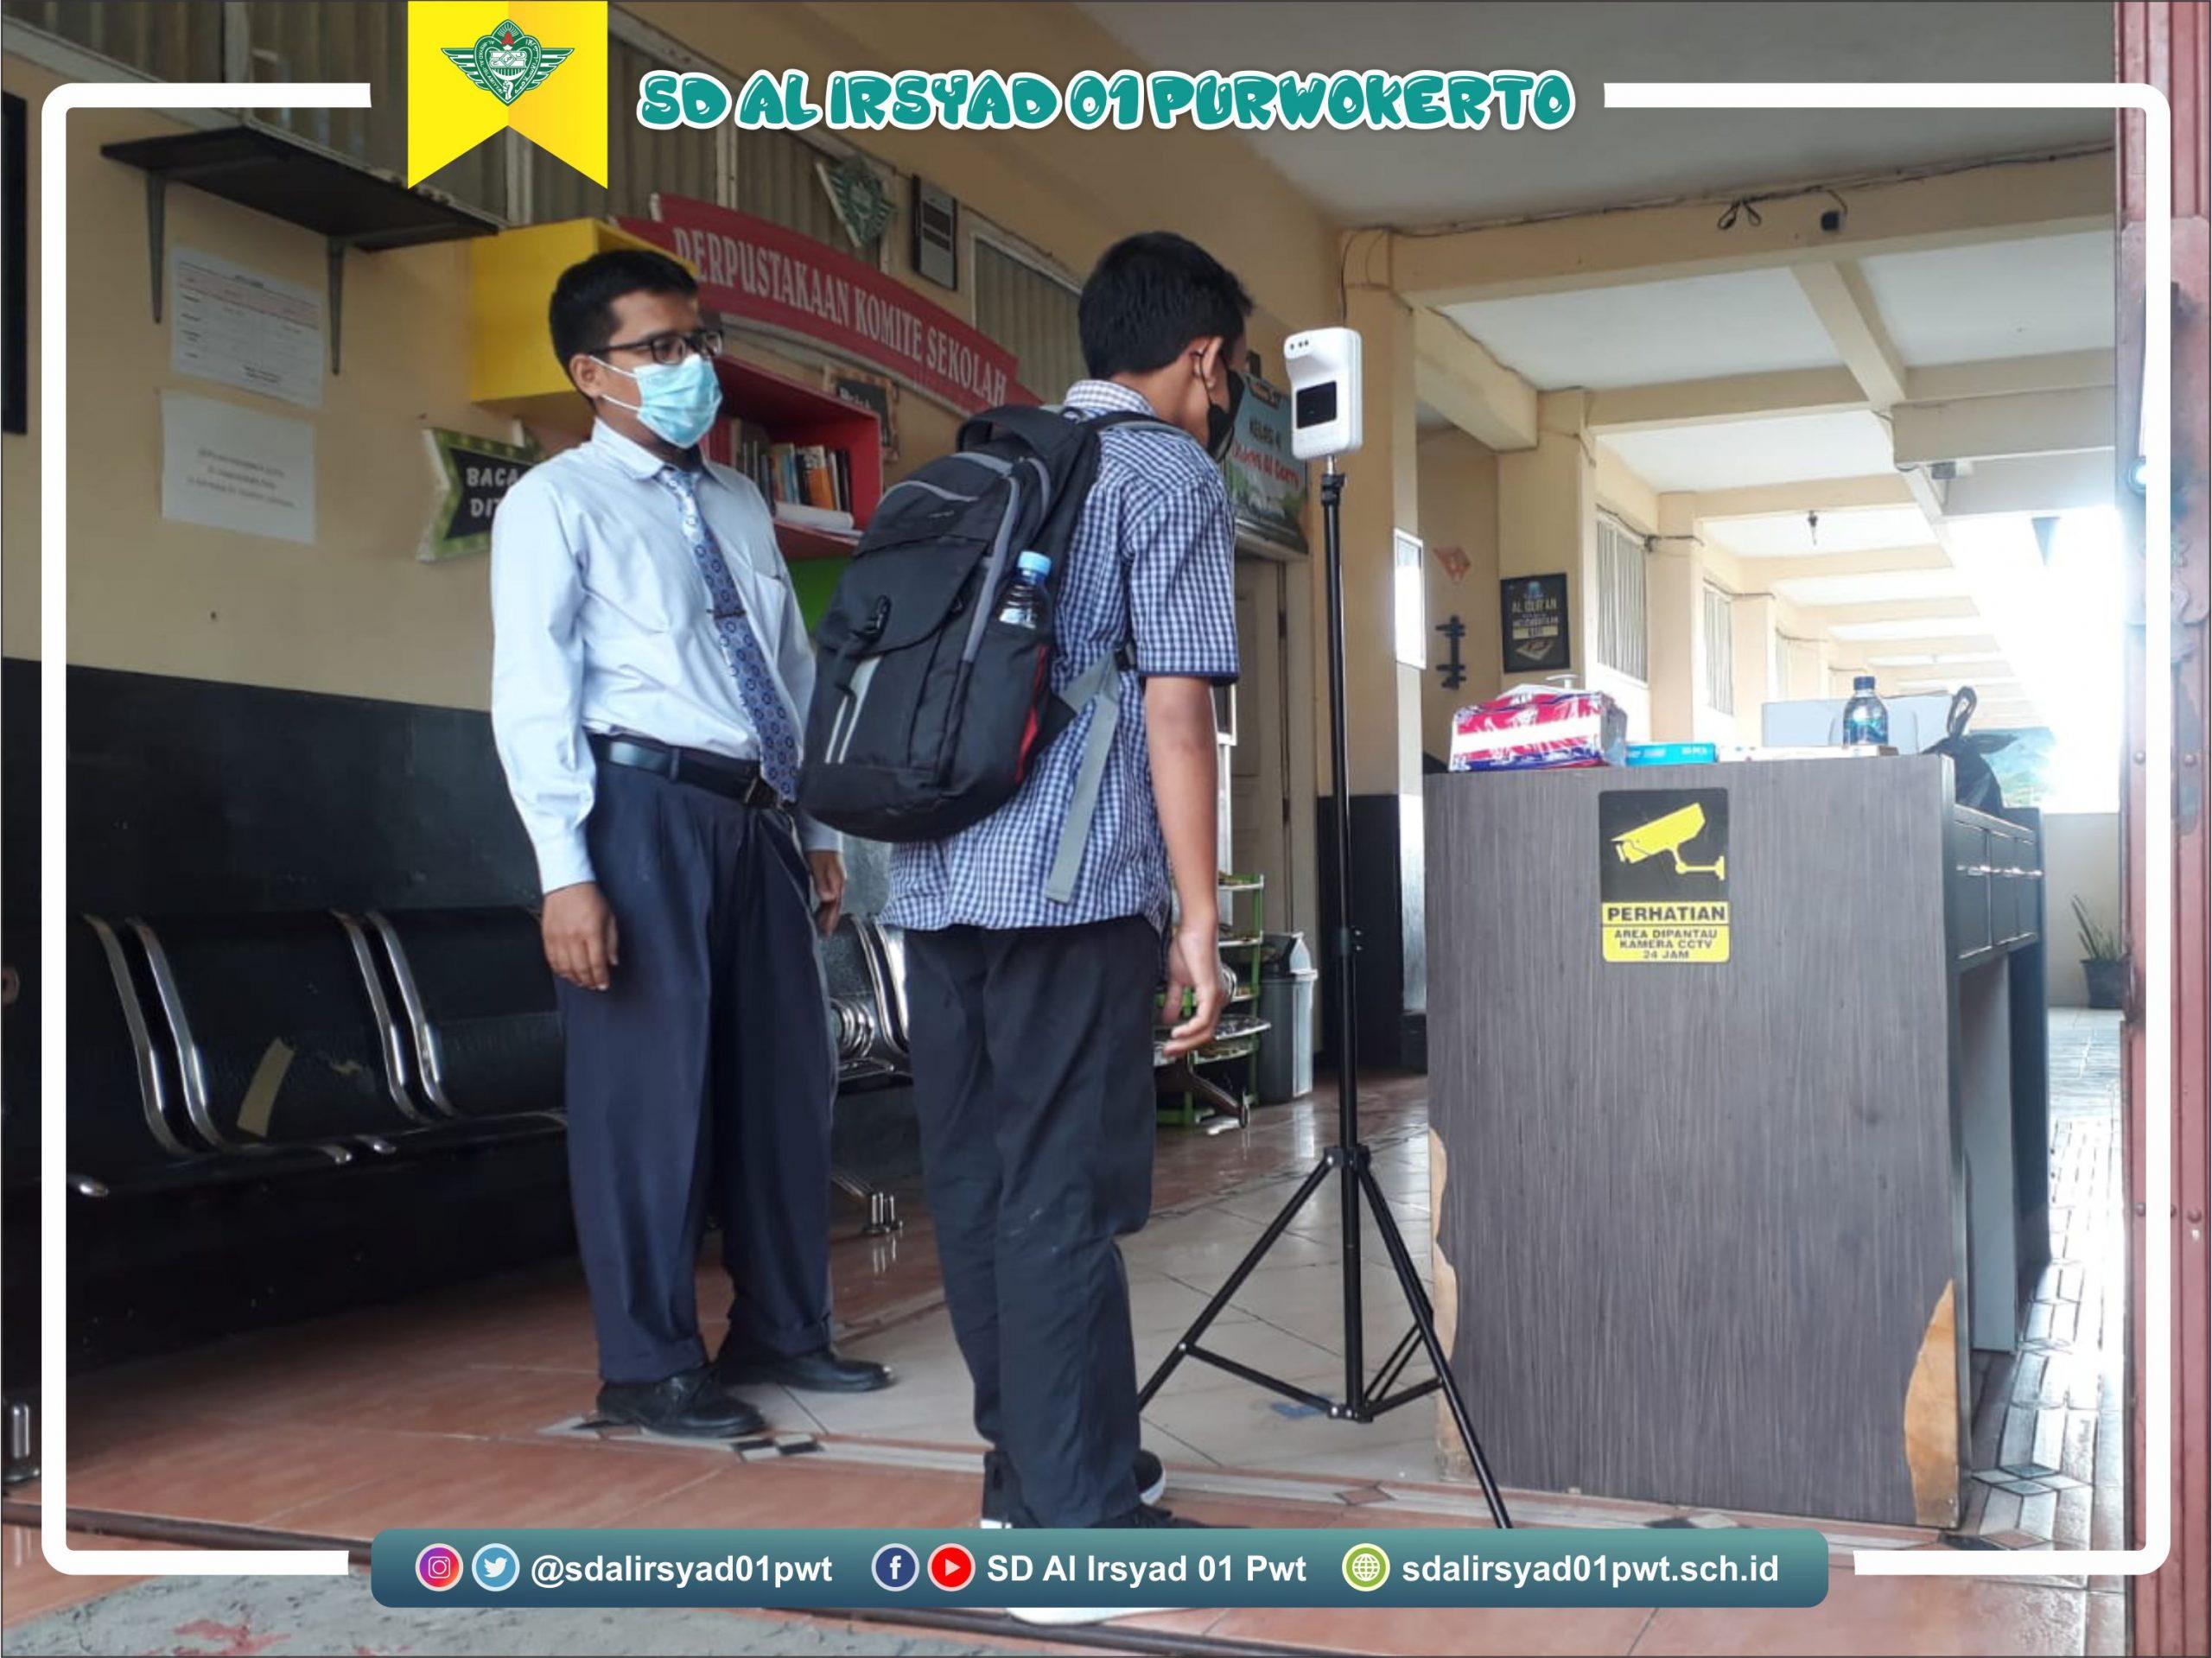 Hari pertama masuk sekolah siswa SD Al Irsyad 01 Purwokerto